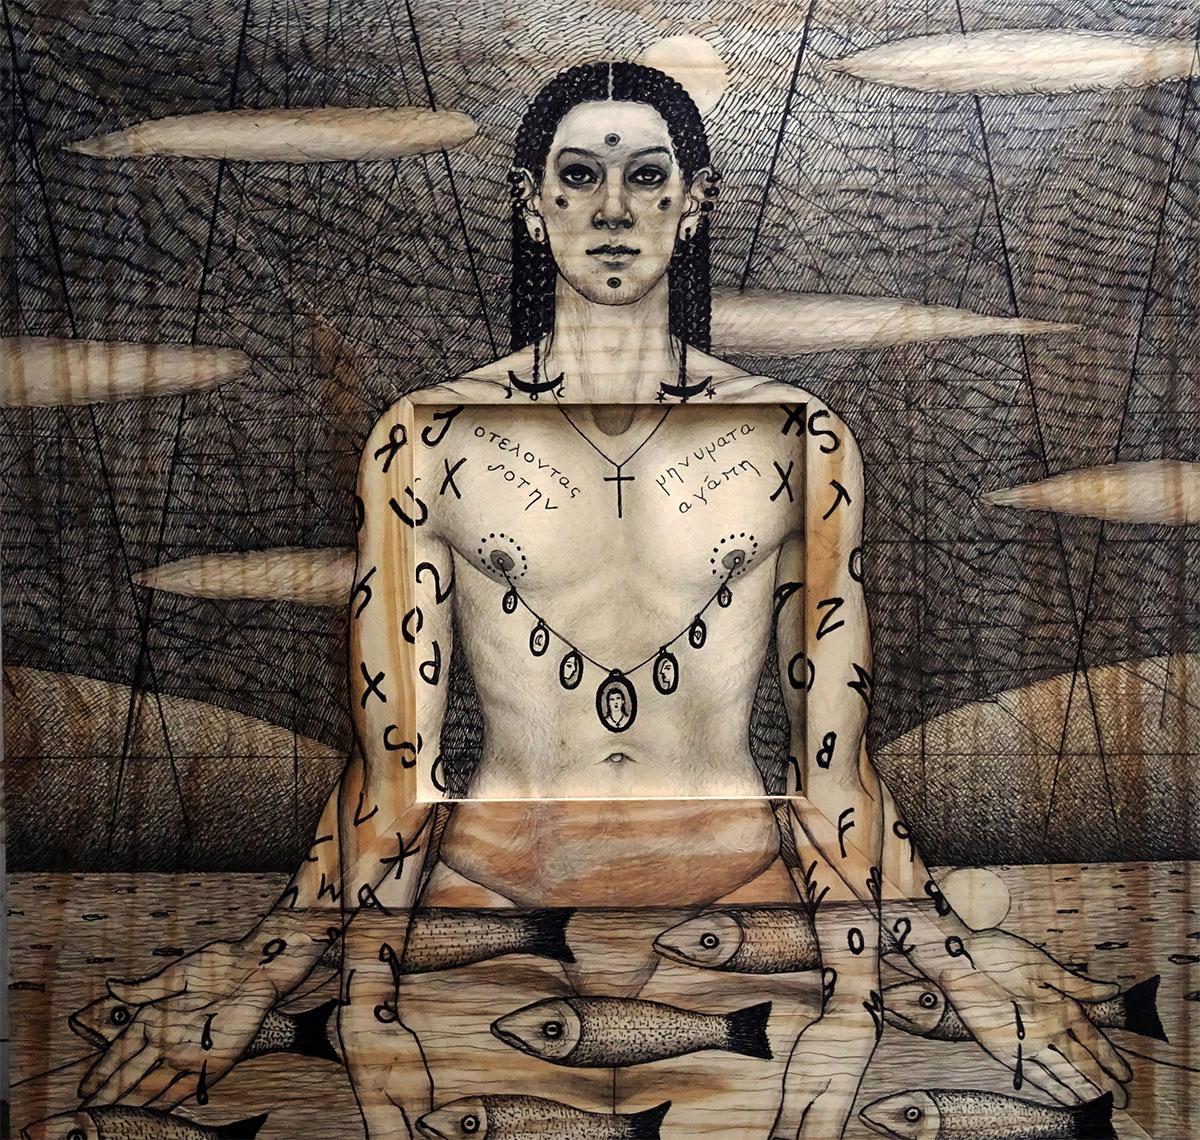 RGI Kelly Gallery: Allusion IV